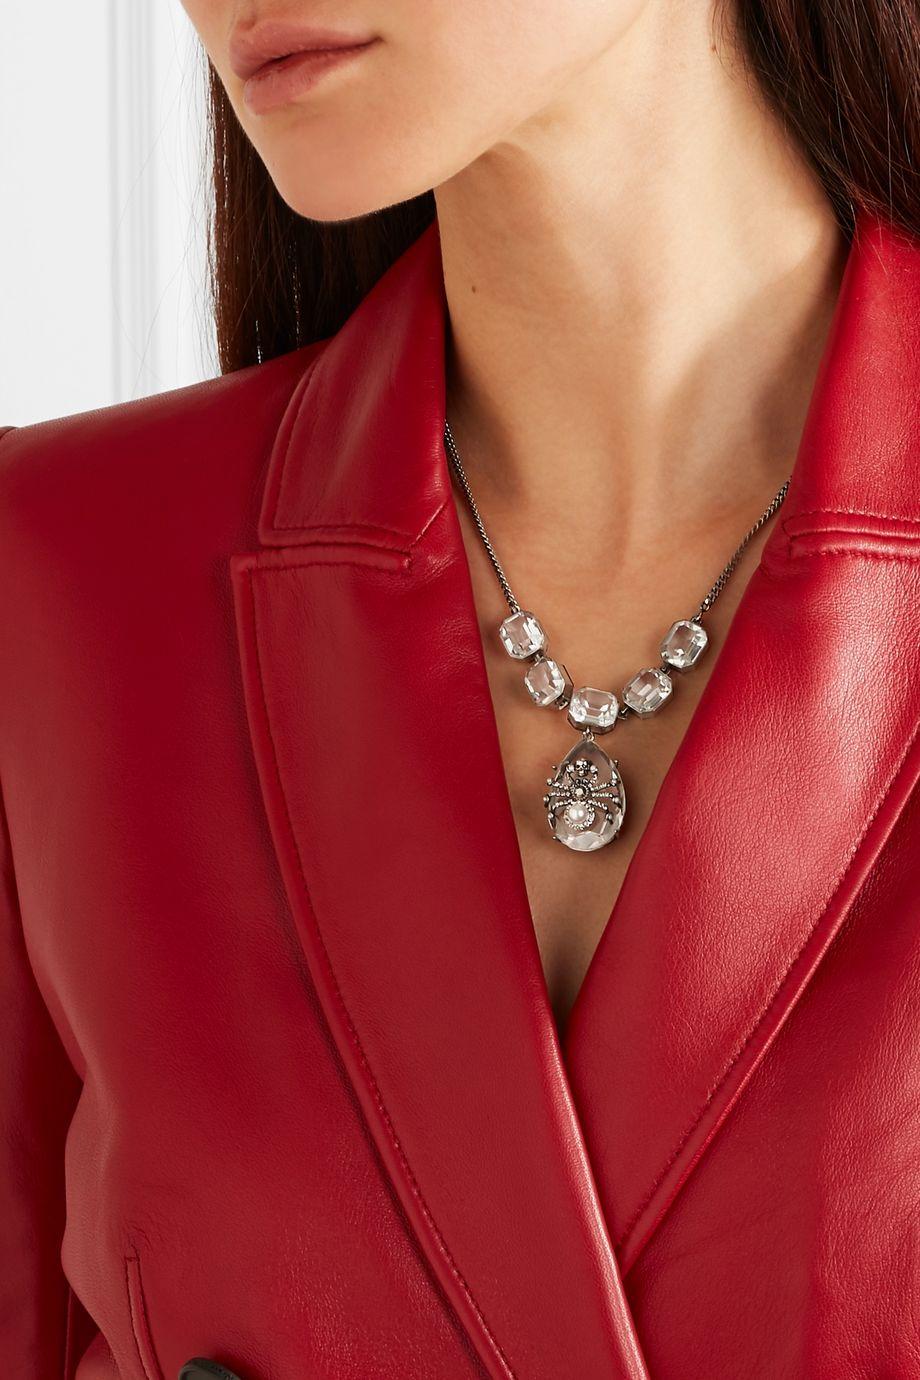 Alexander McQueen Silberfarbene Kette mit Kristallen und Kunstperlen